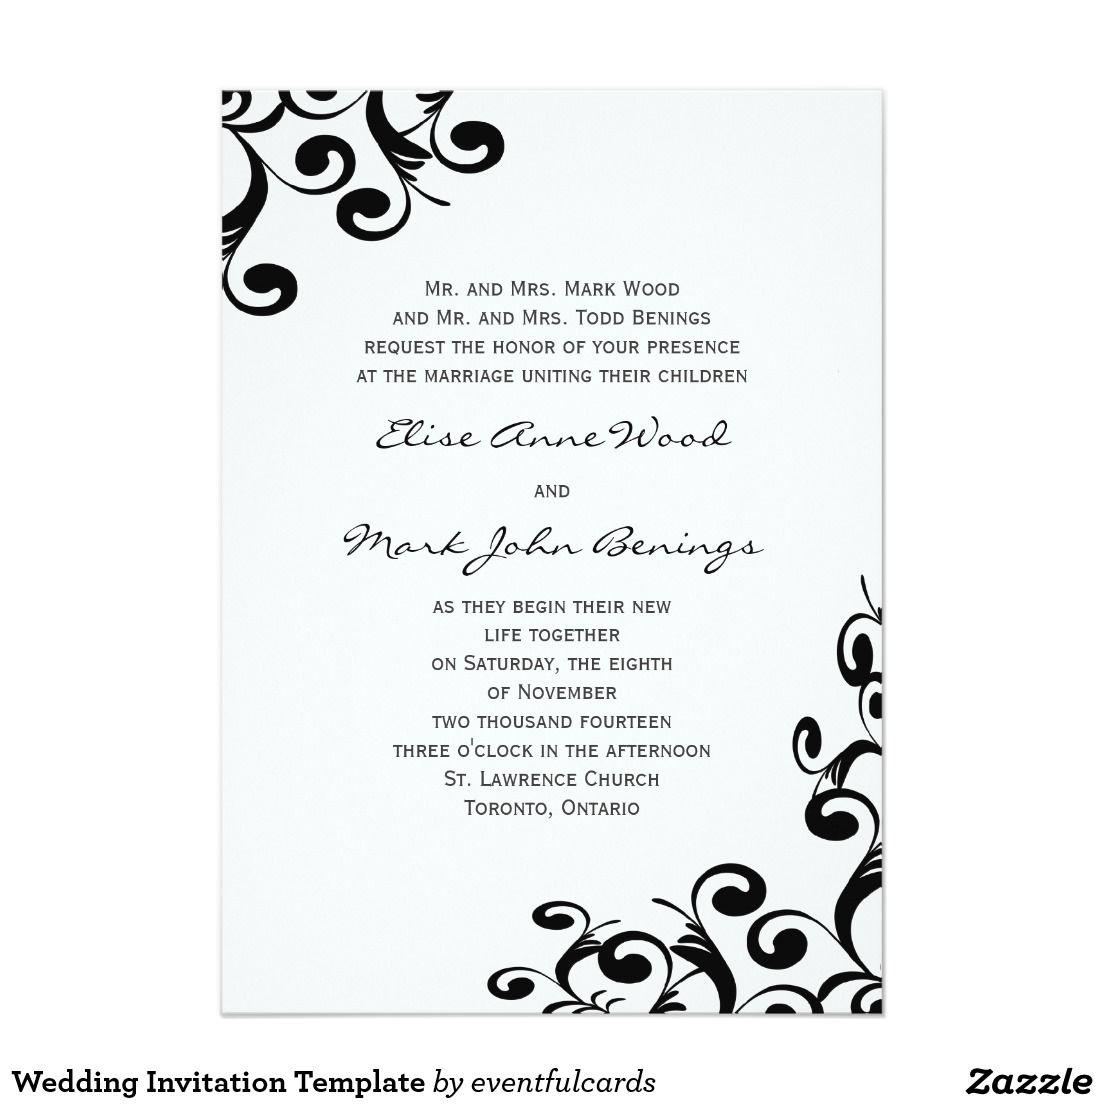 Wedding Invitation Template  Zazzle.com  Wedding invitation